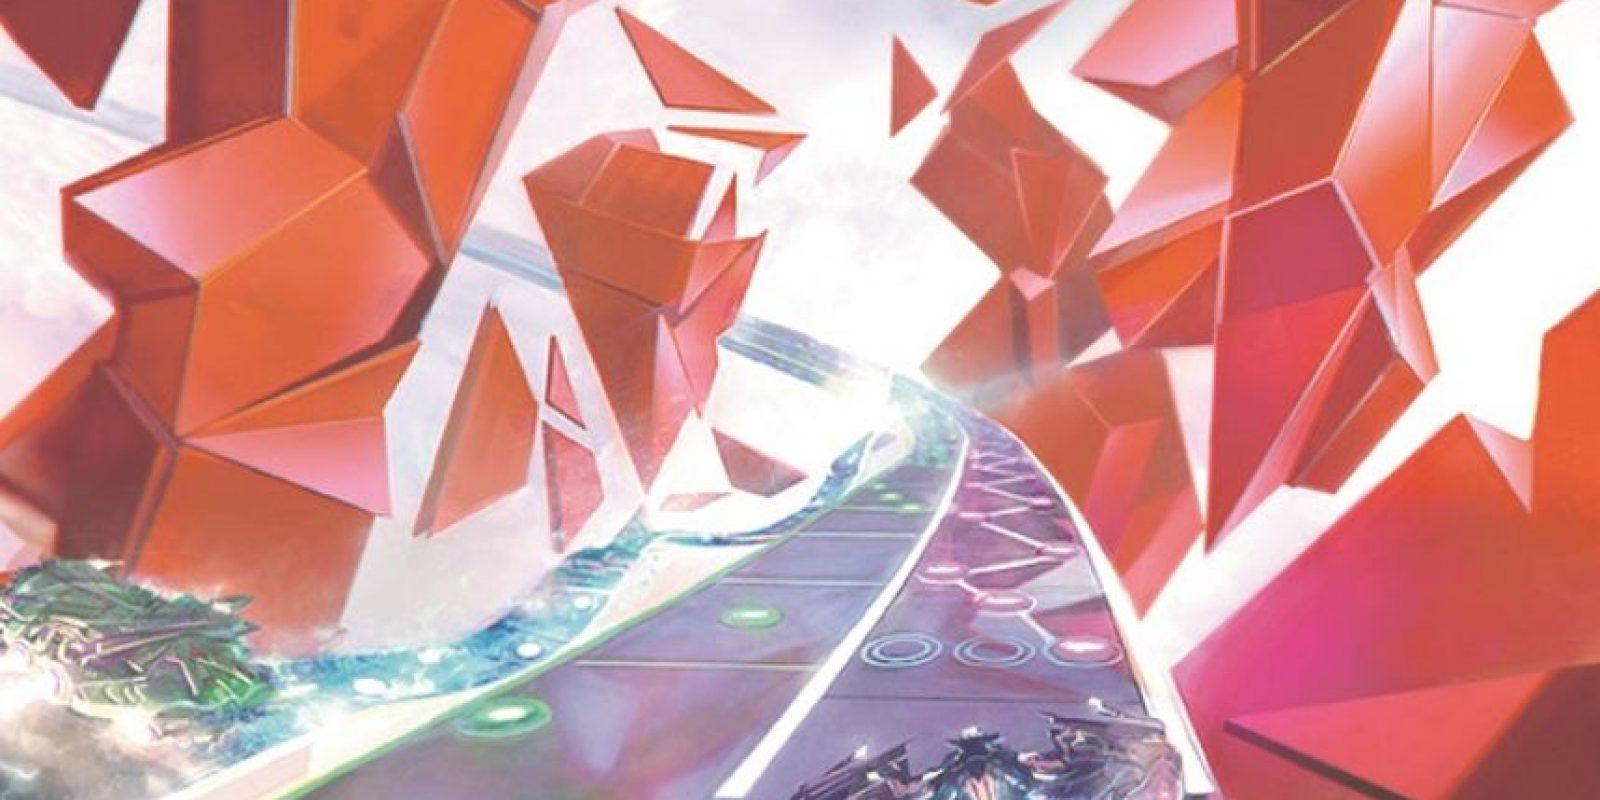 1- Amplitude HD. Este juego desarrollado por Harmonix que combina ritmo, música y color experimenta ahora una remasterización en alta definición. La propuesta, en la que el jugador viaja en una nave avanza a través de pistas de sonido, llegará en exclusiva para PlayStation 3 y PlayStation 4. Foto:Fuente Externa